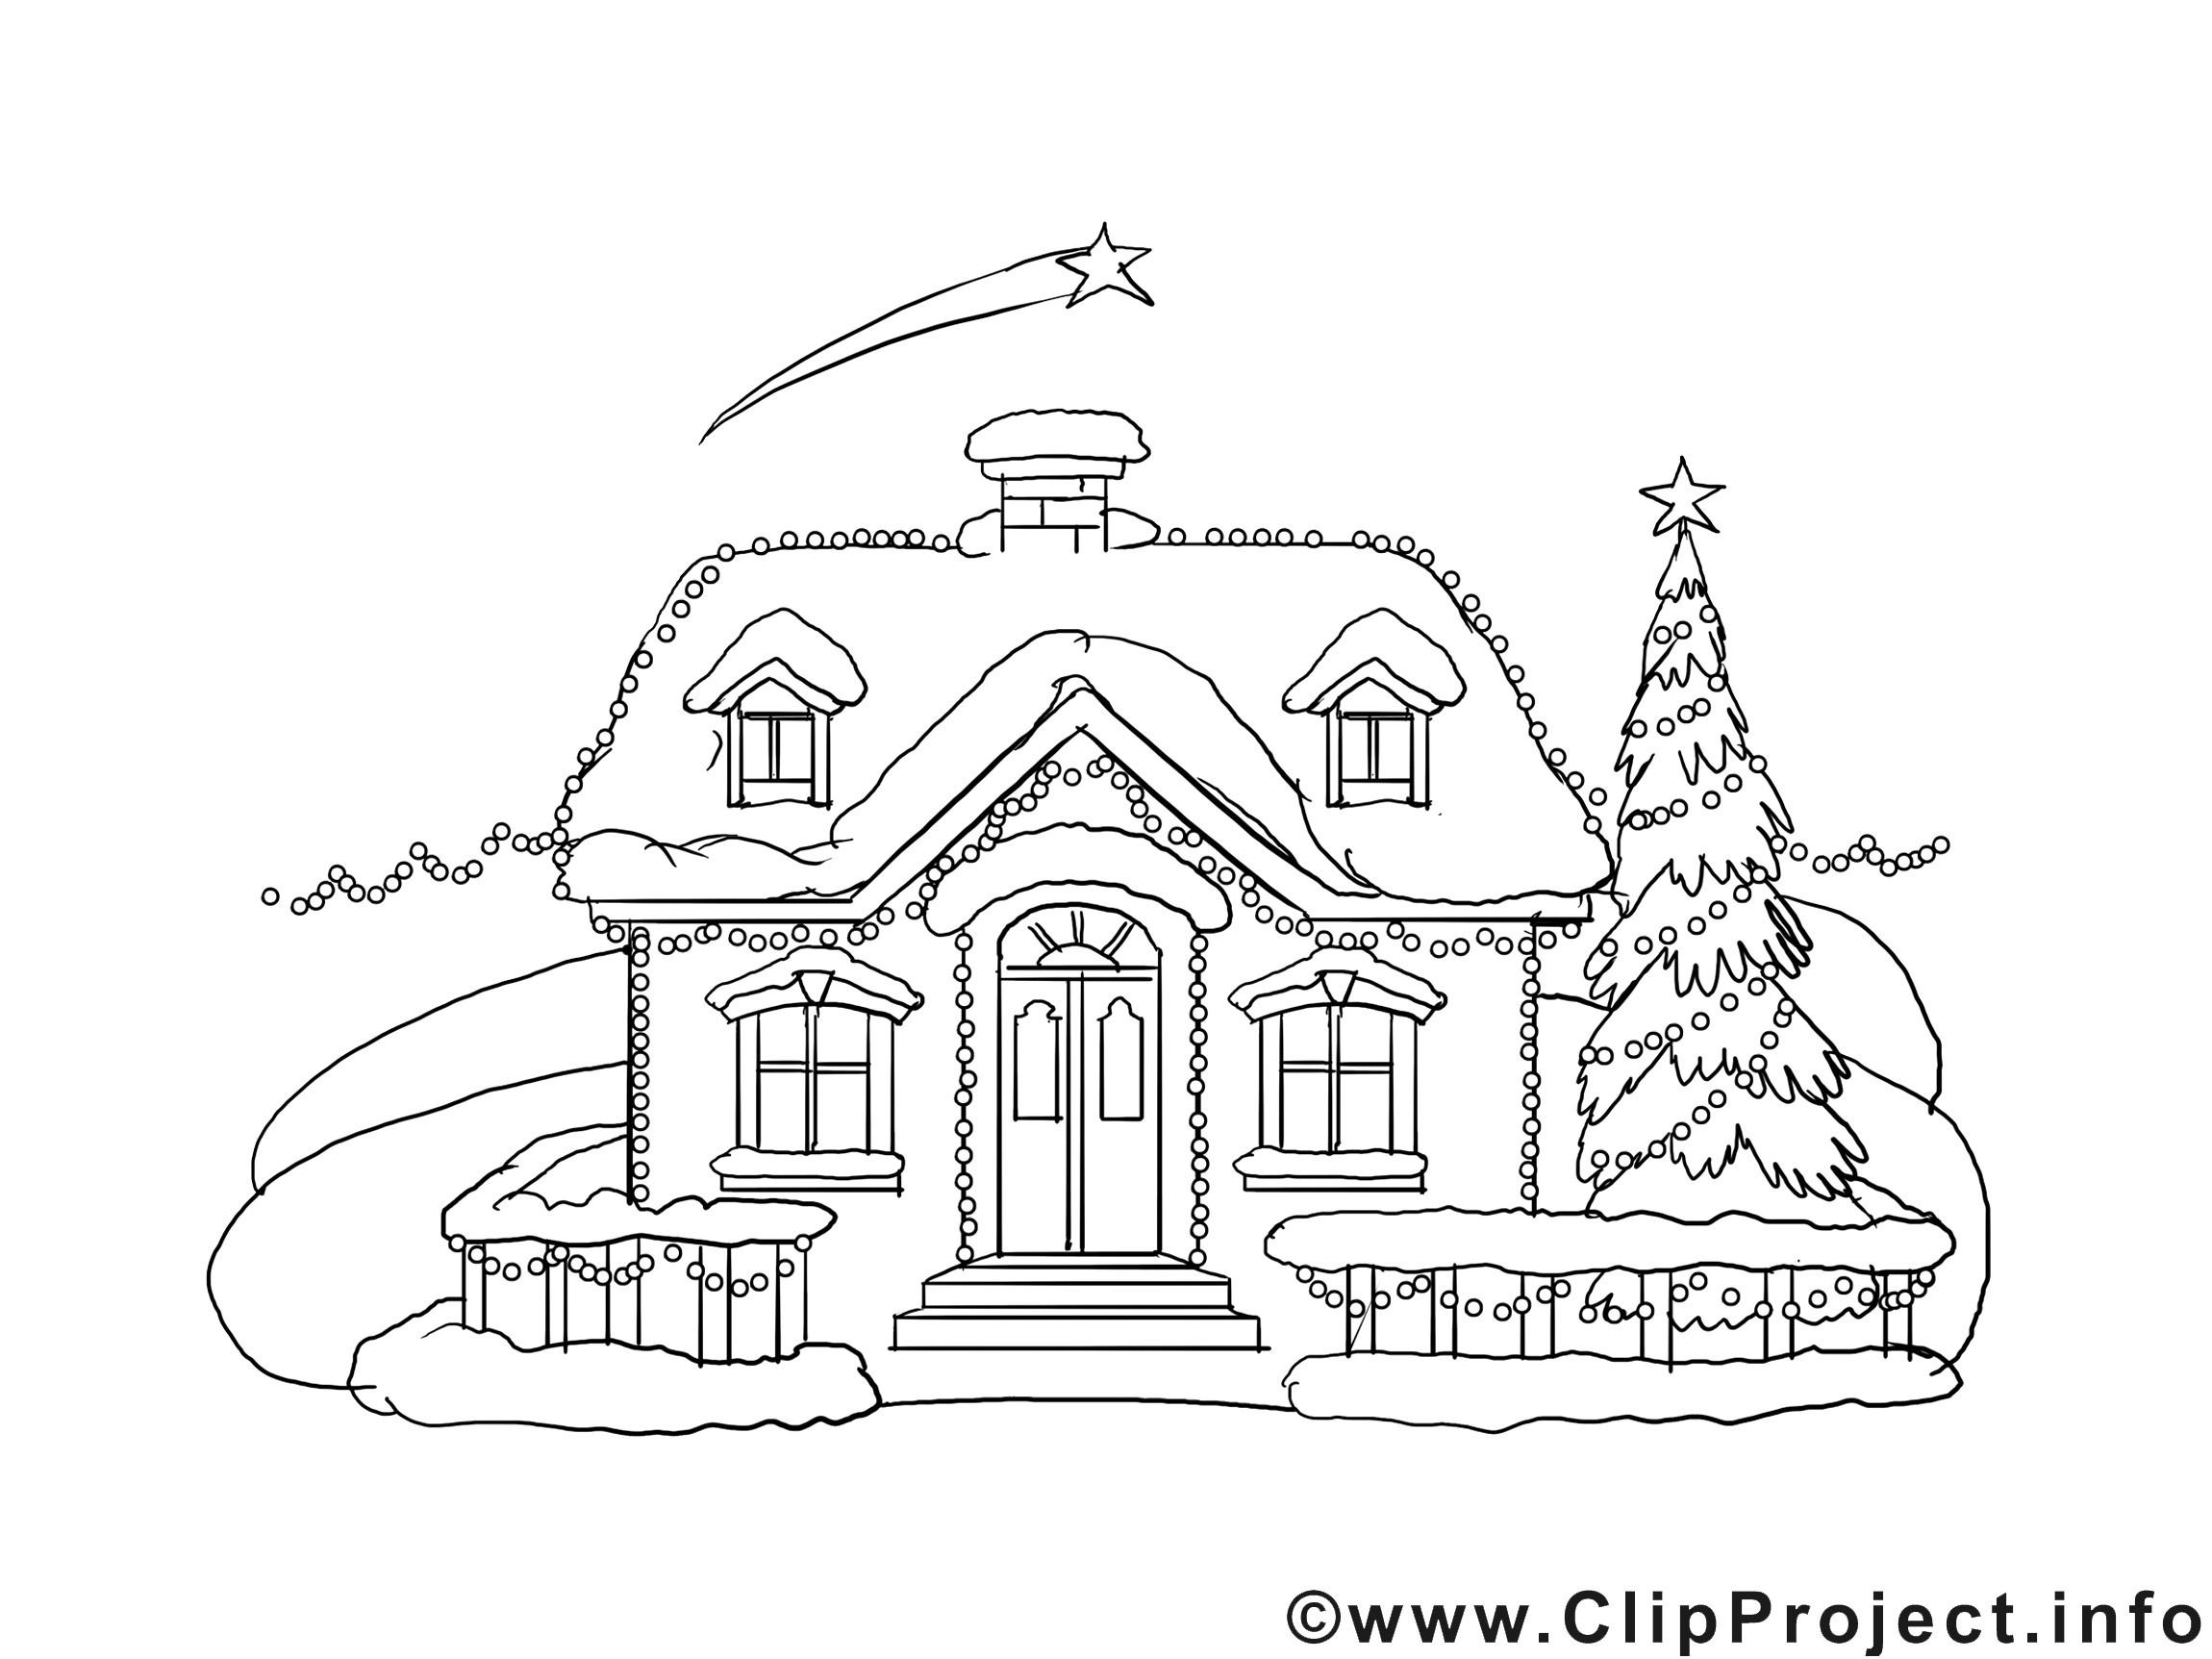 Ausmalbilder Haus Mit Garten Einzigartig Mal Vorlage Haus Im Winter Gestalten Pinterest Winter Innen Avec Bild